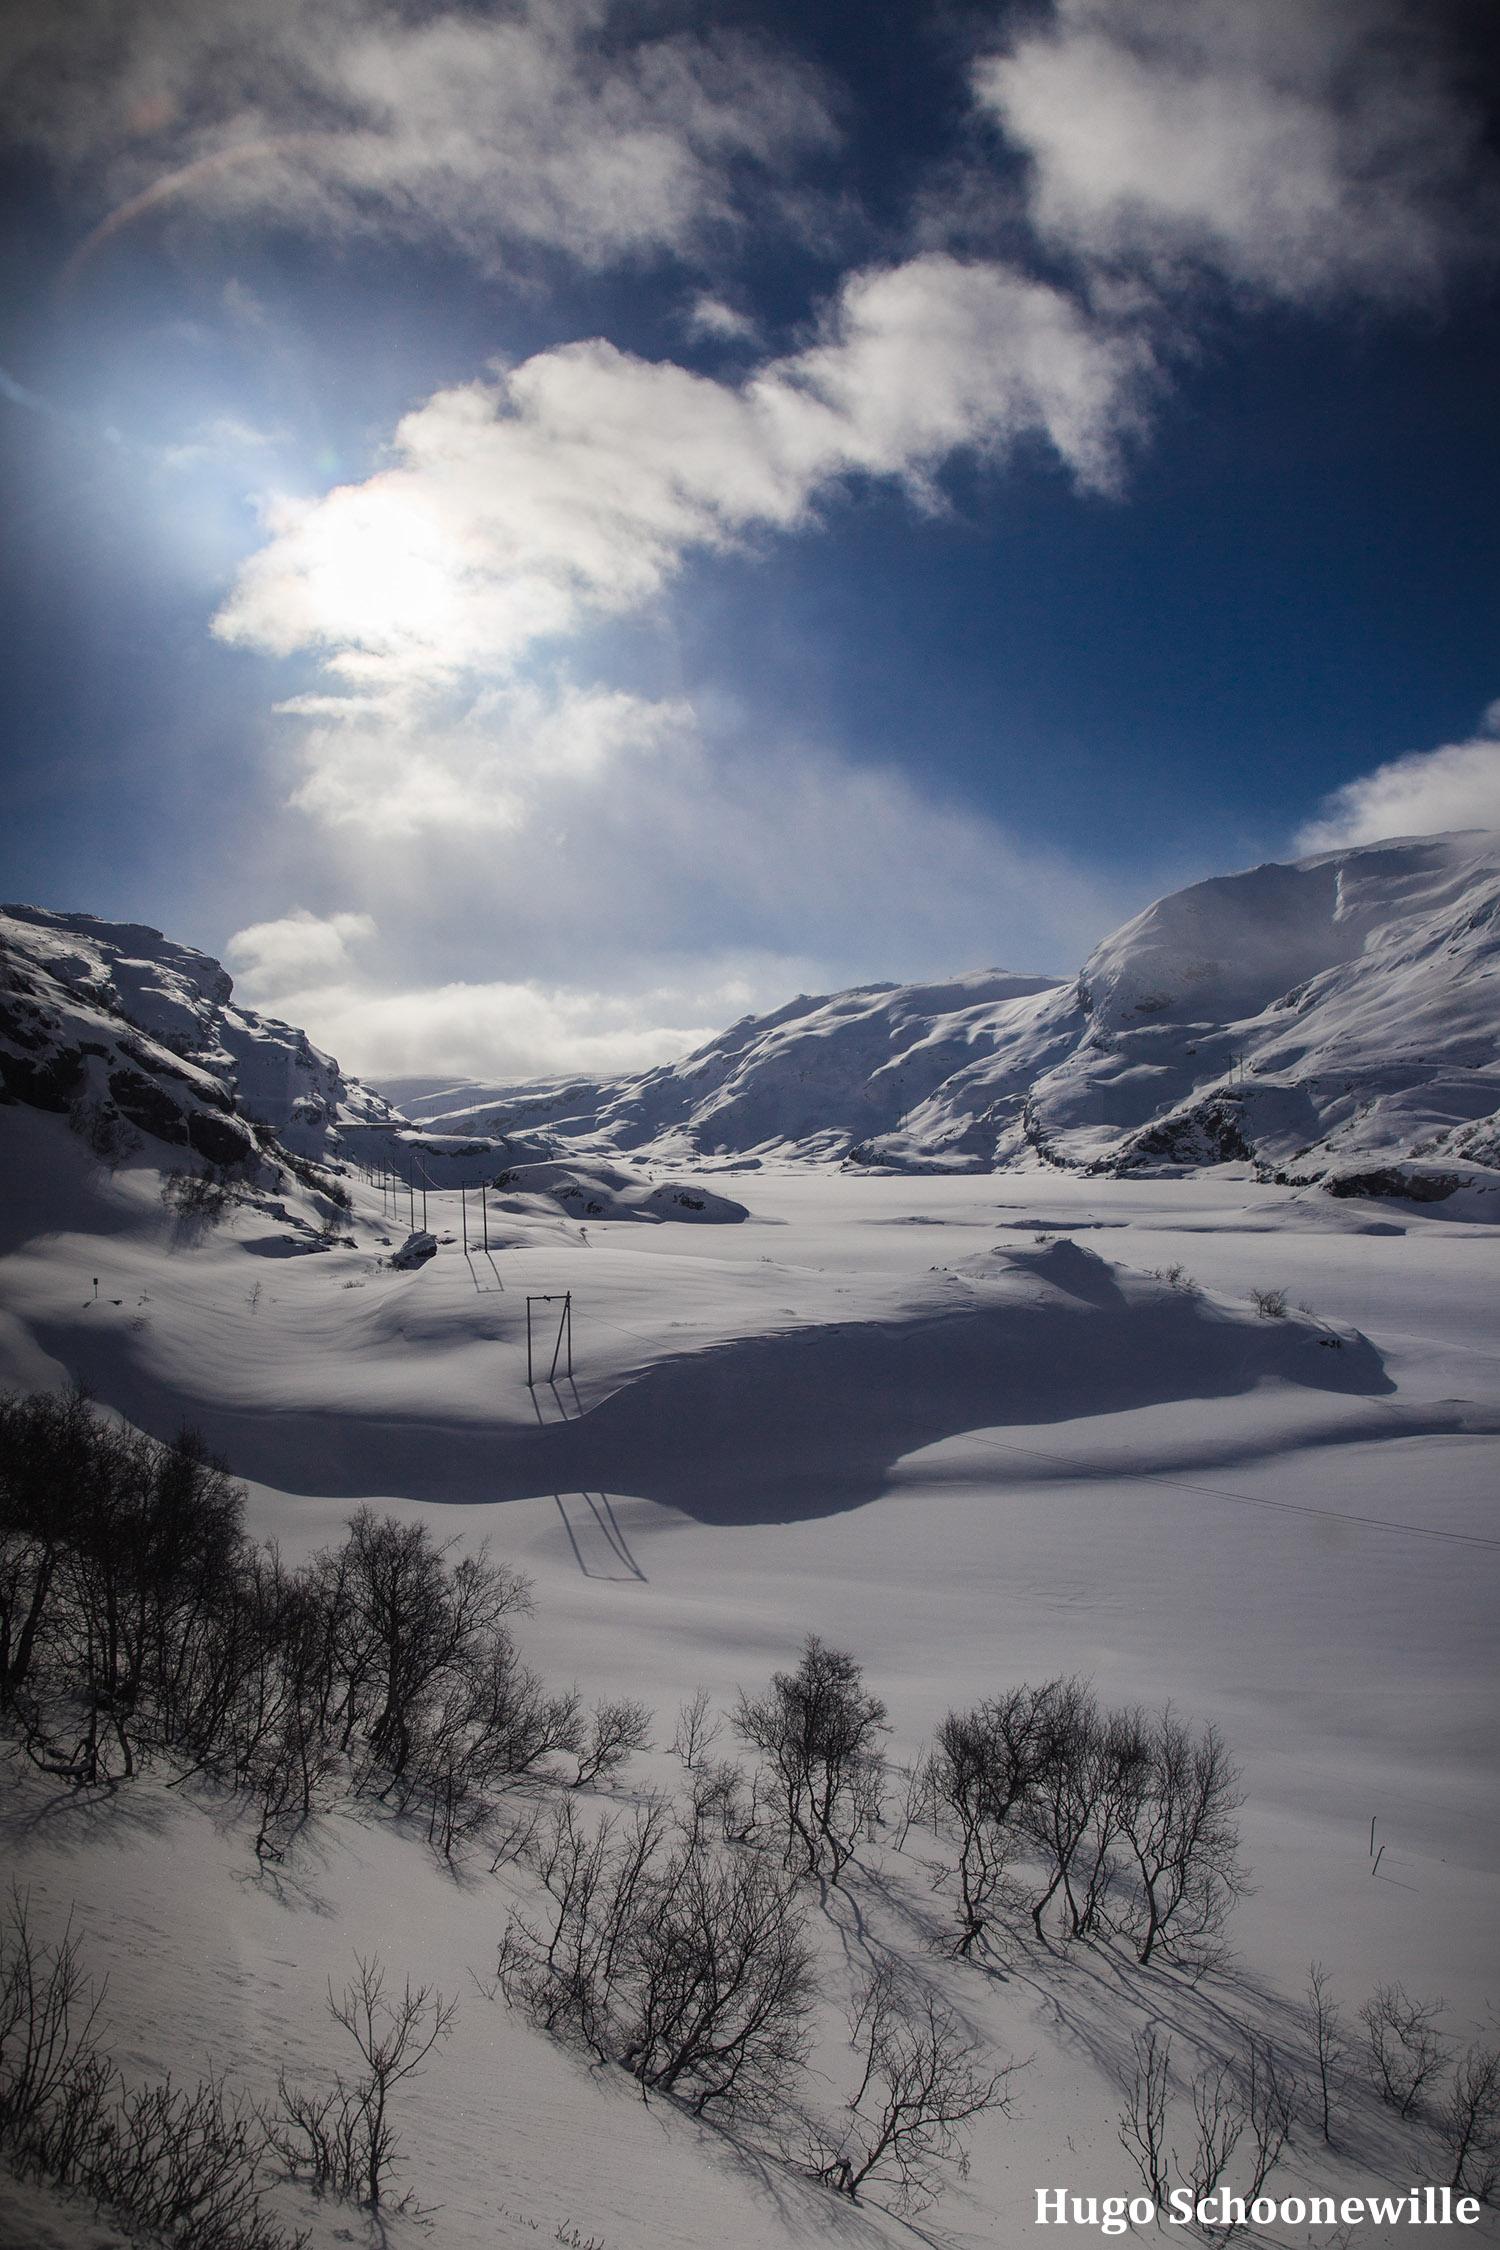 Uitzicht vanuit de Bergensbanen, de trein tussen Oslo en Bergen, met overal sneeuw.